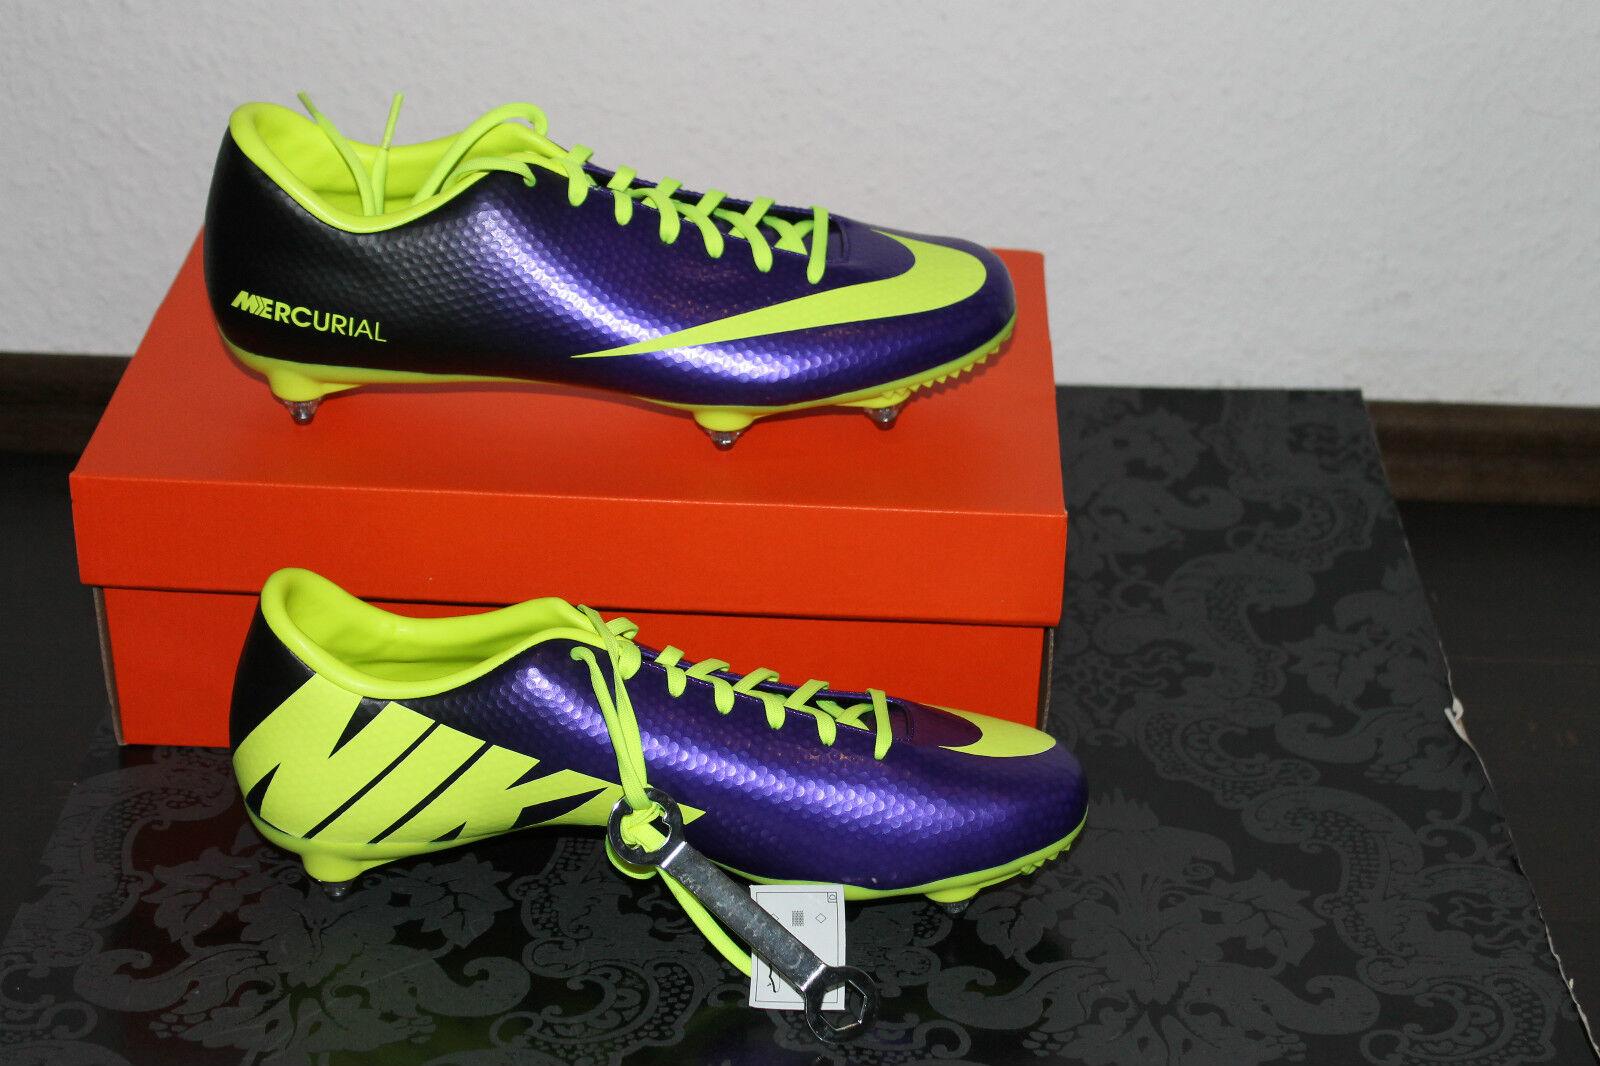 Nike MERCURIAL VICTORY fútbol galerías zapato púrpura amarillo tamaño 42,5; 8; us 9 nuevo